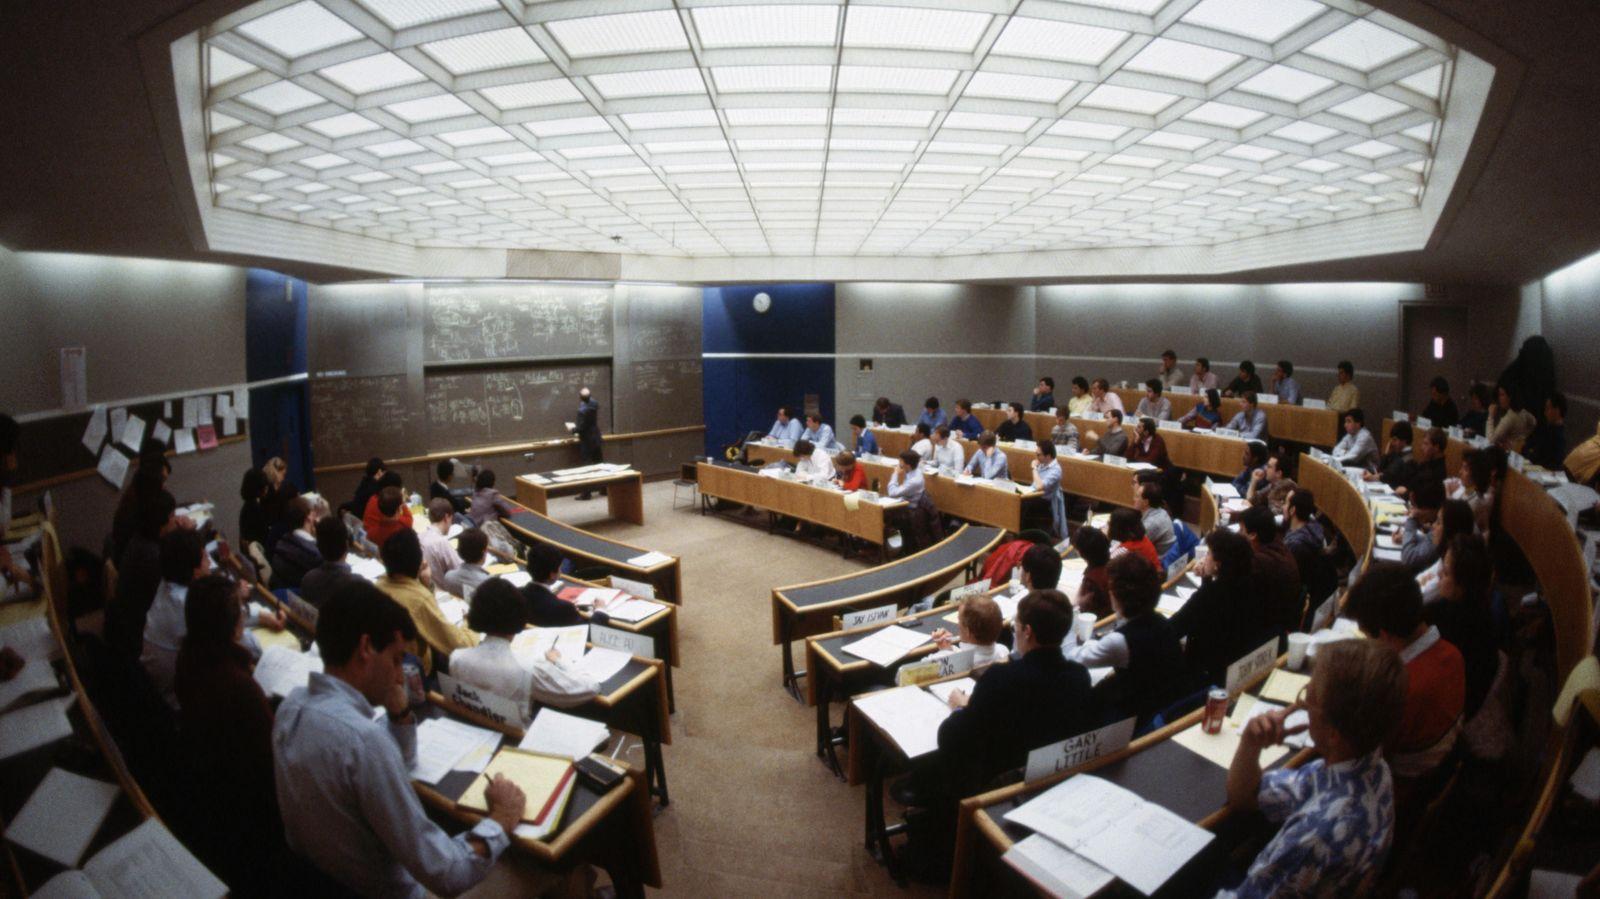 Foto: Estudiantes de una clase de Economía en la Universidad de Harvard (Massachusetts). (Corbis/Michael S. Yamashita)